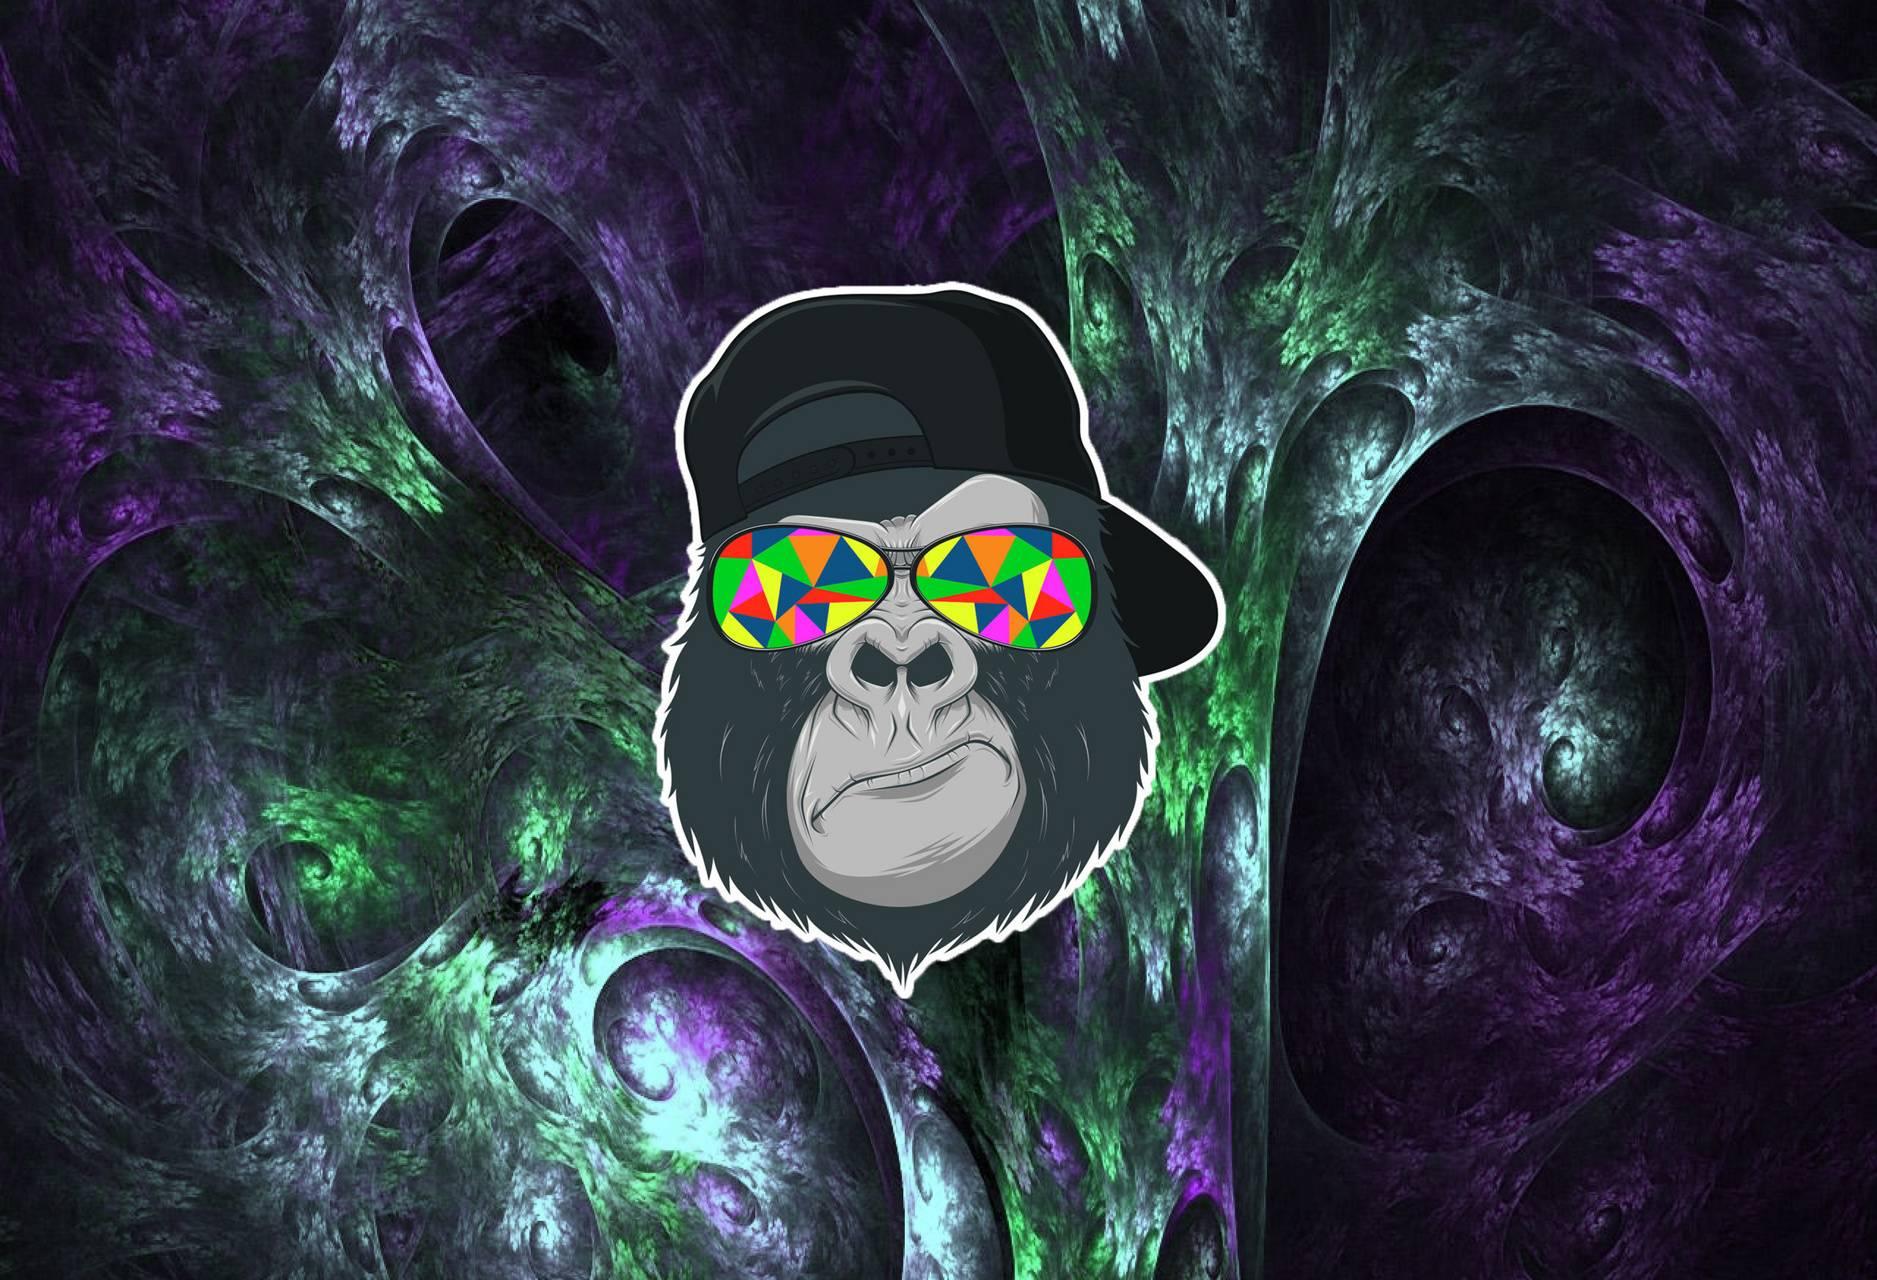 Wallpaper Monkey